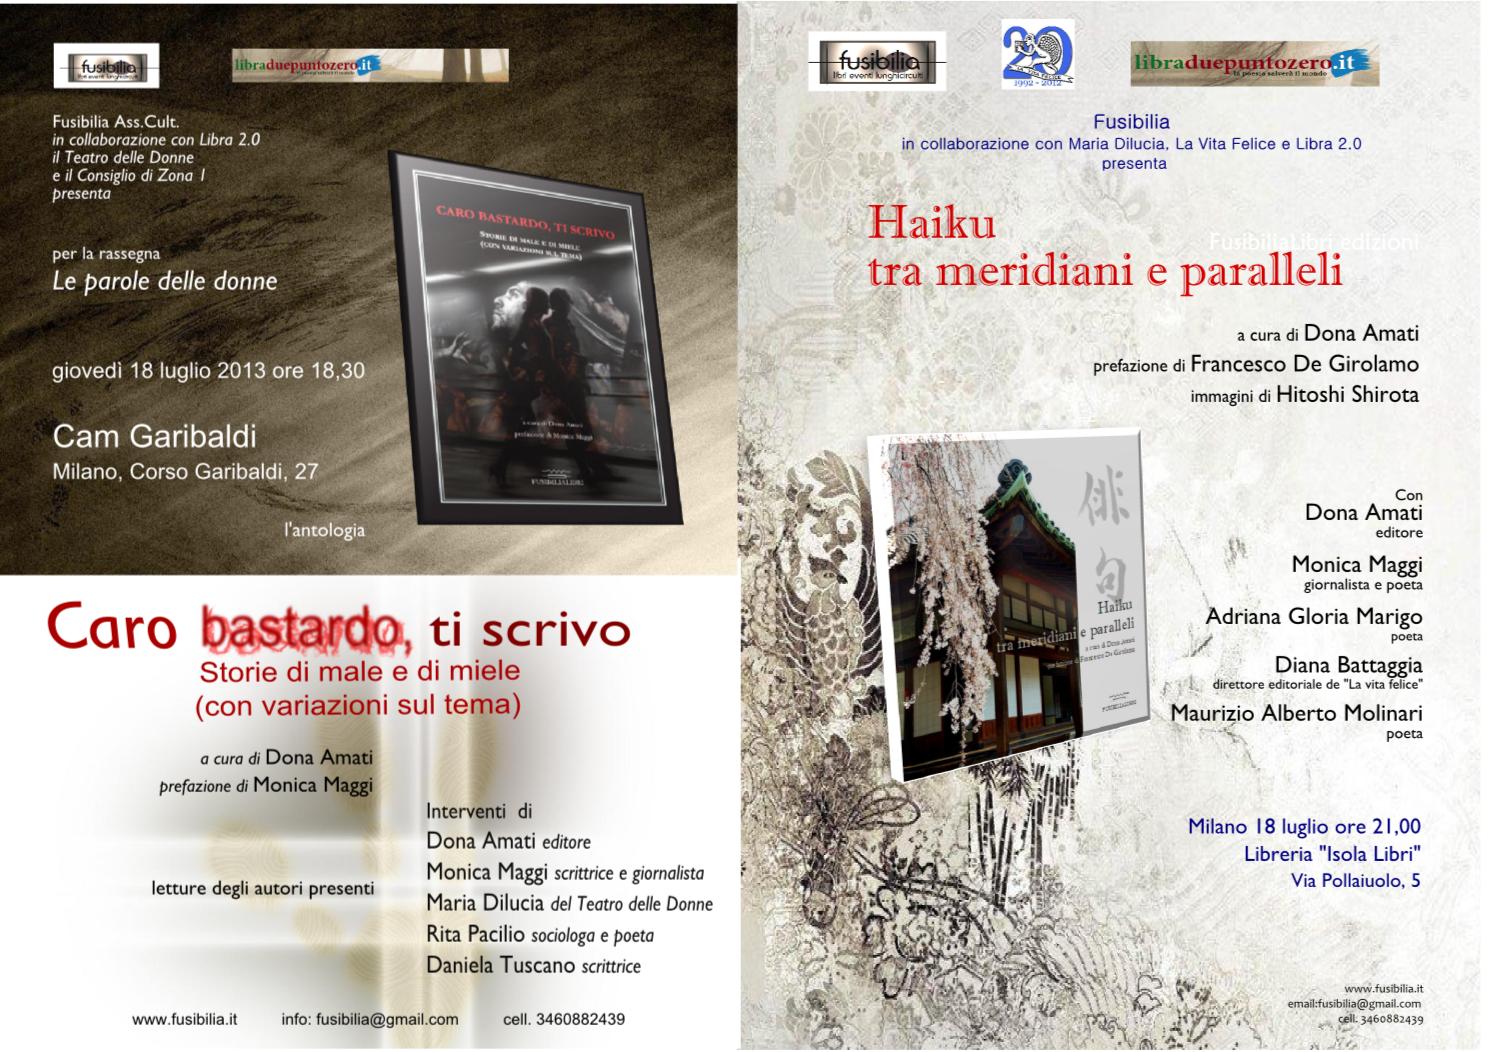 fusibilia_presentazioni_milano